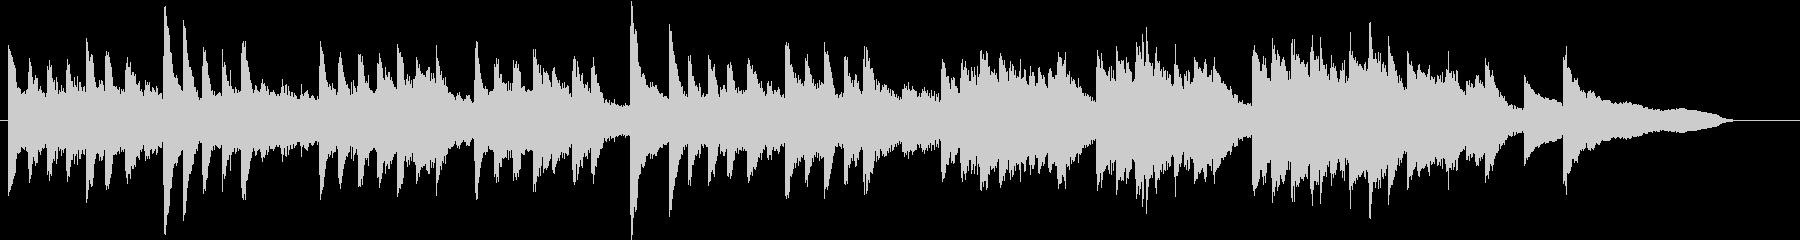 童謡・虫のこえモチーフのピアノジングルEの未再生の波形